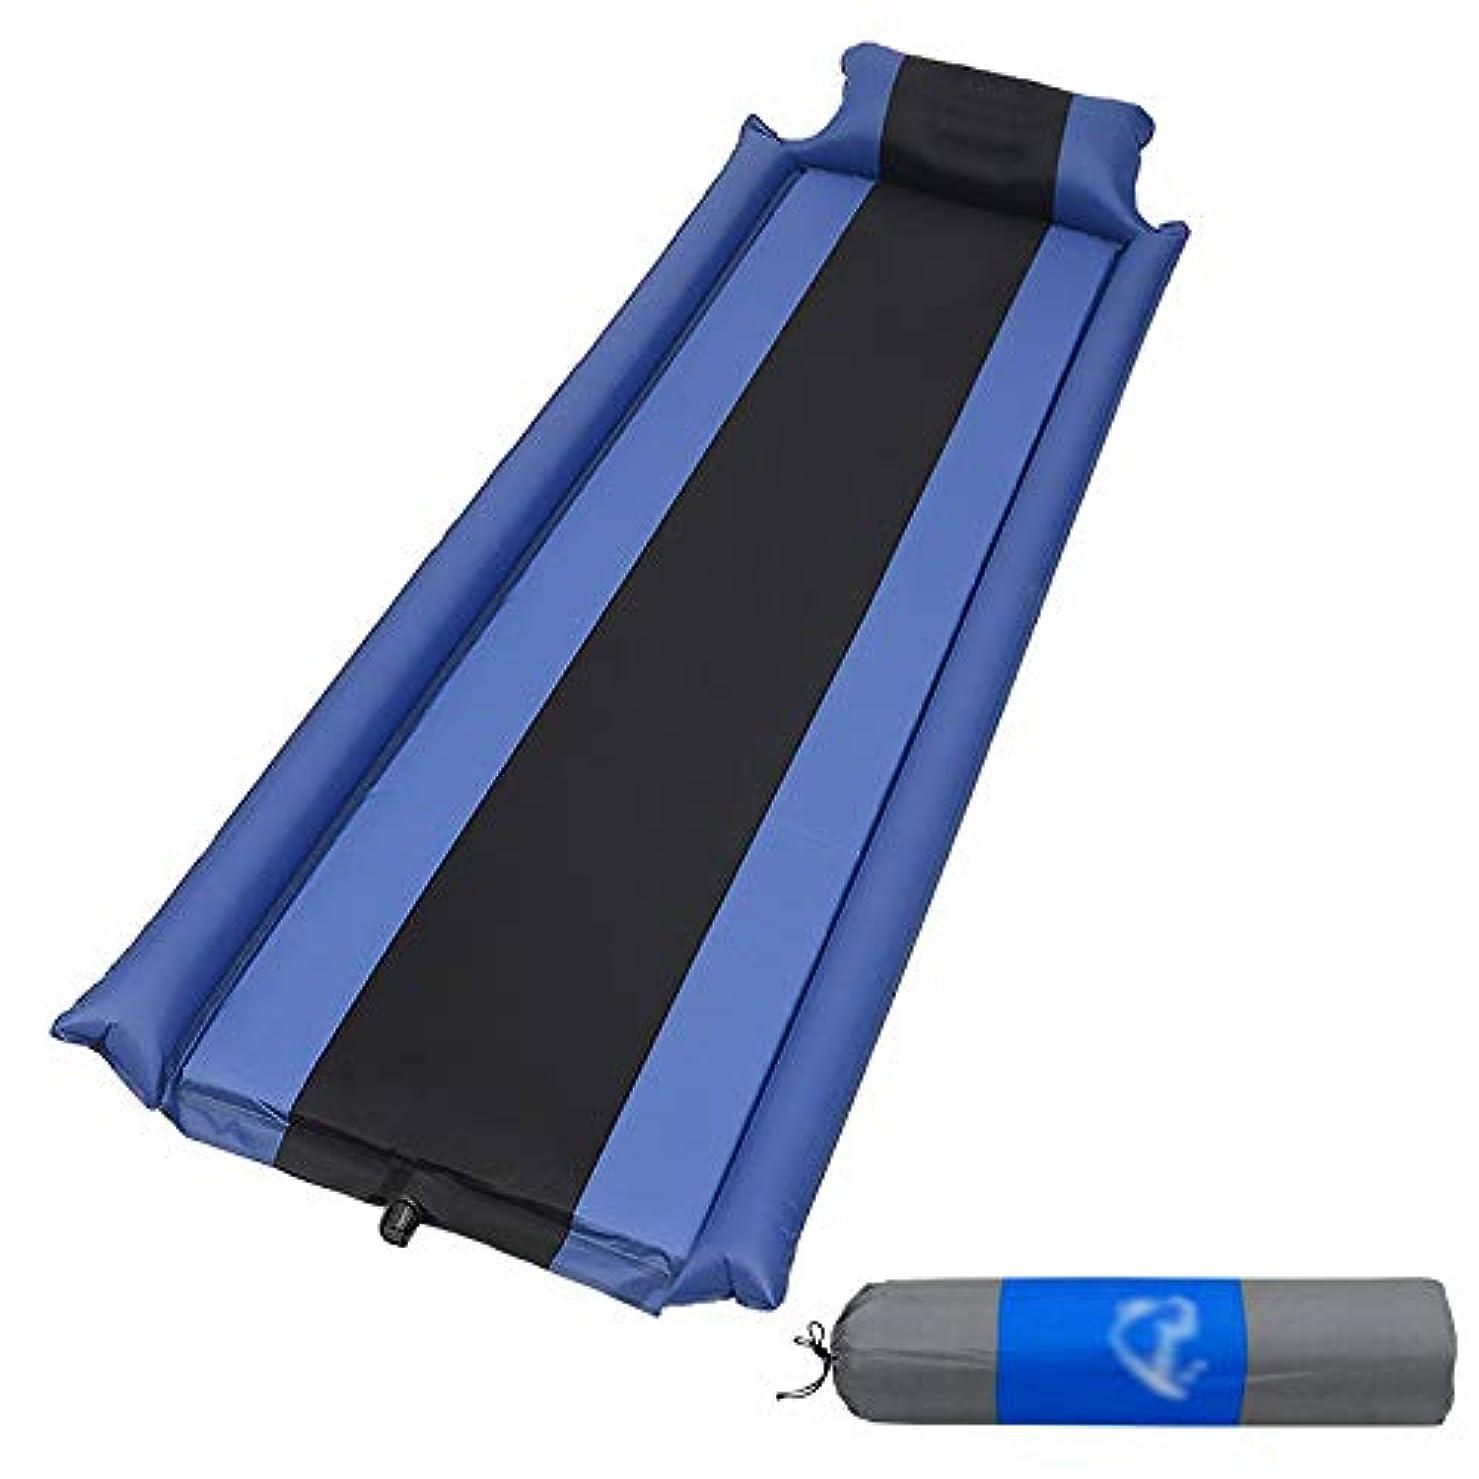 タブレット要求南方の自己膨脹式マットレスキャンプ枕携帯用膨脹可能な睡眠のマット、スポンジの空気マットのベッドのハイキングのバックパックのテントの寝袋 (Color : Blue)